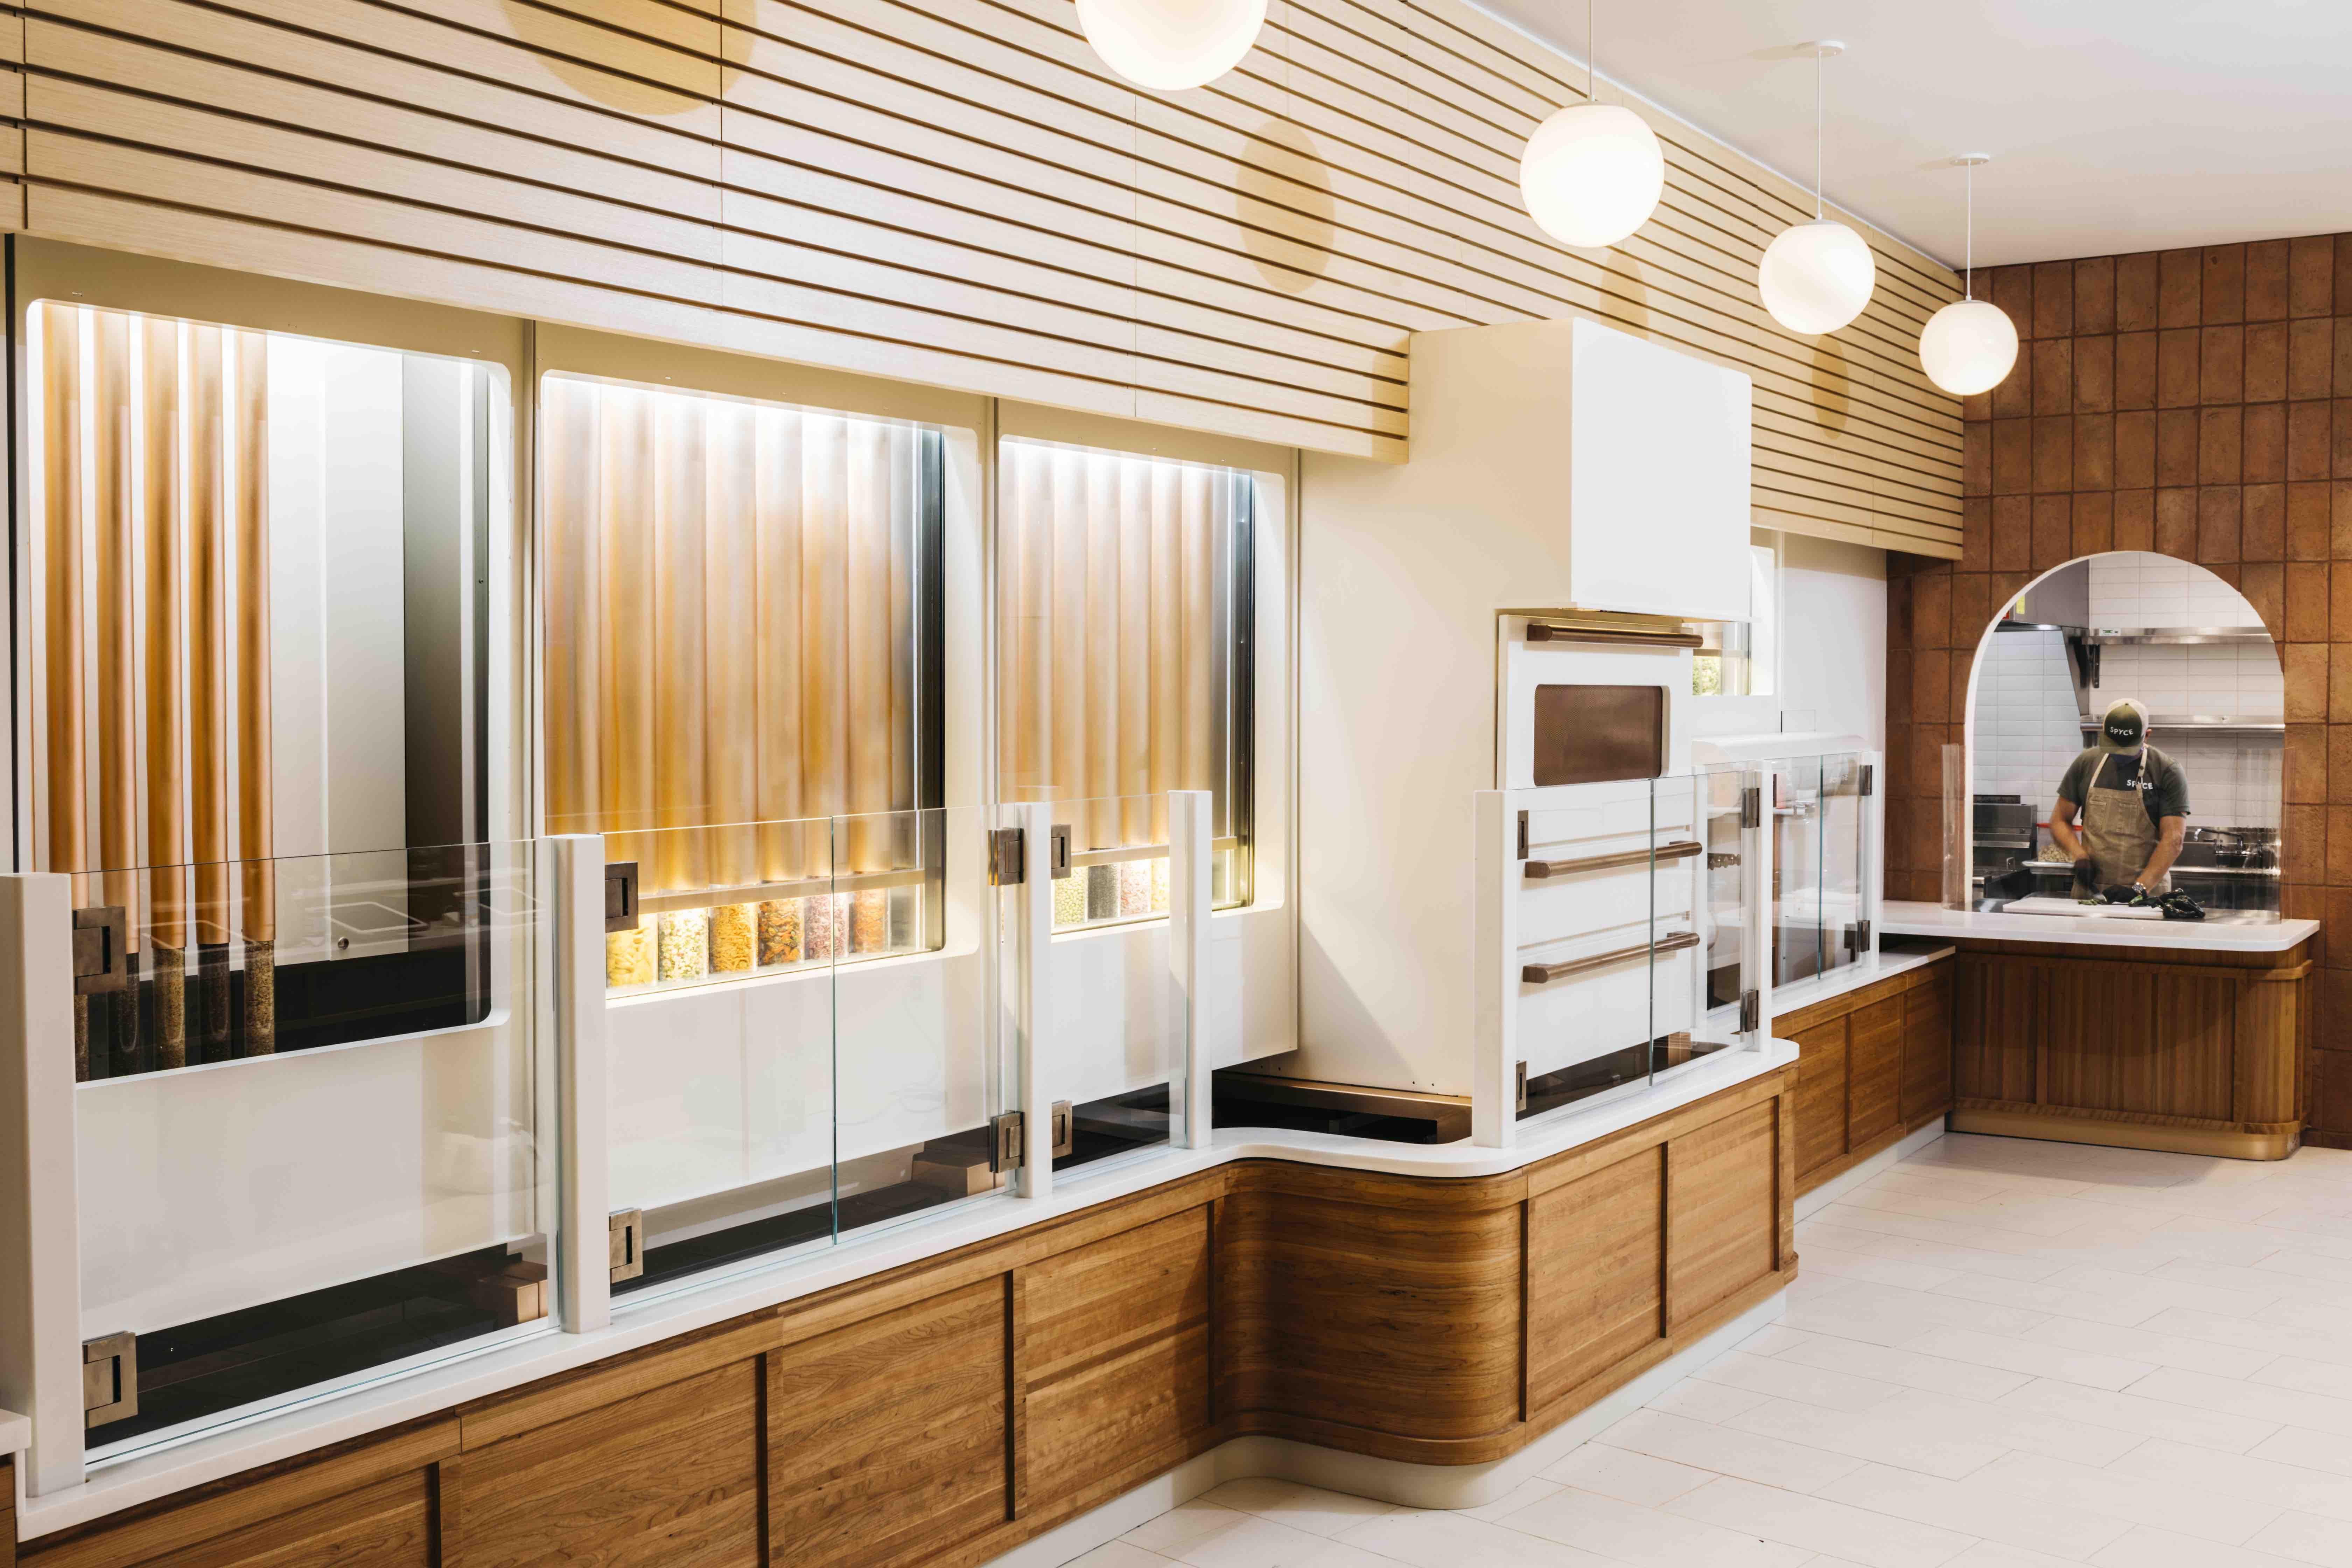 Spyce kitchen